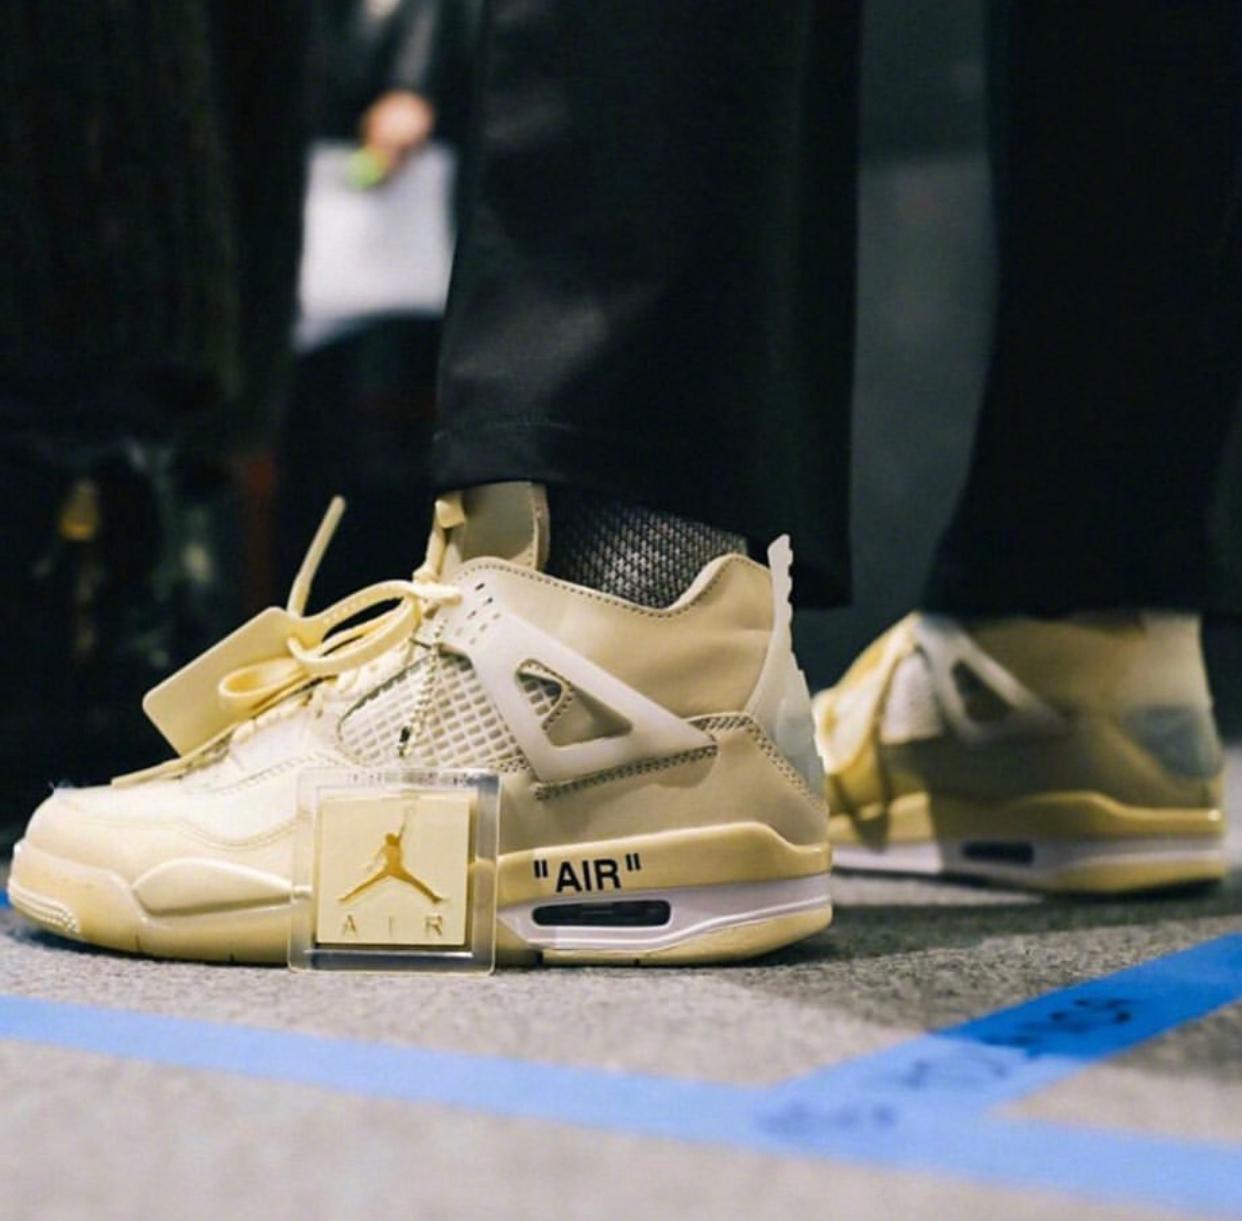 我们对OW鞋款的态度就是 - 看看就好。  solebyjc